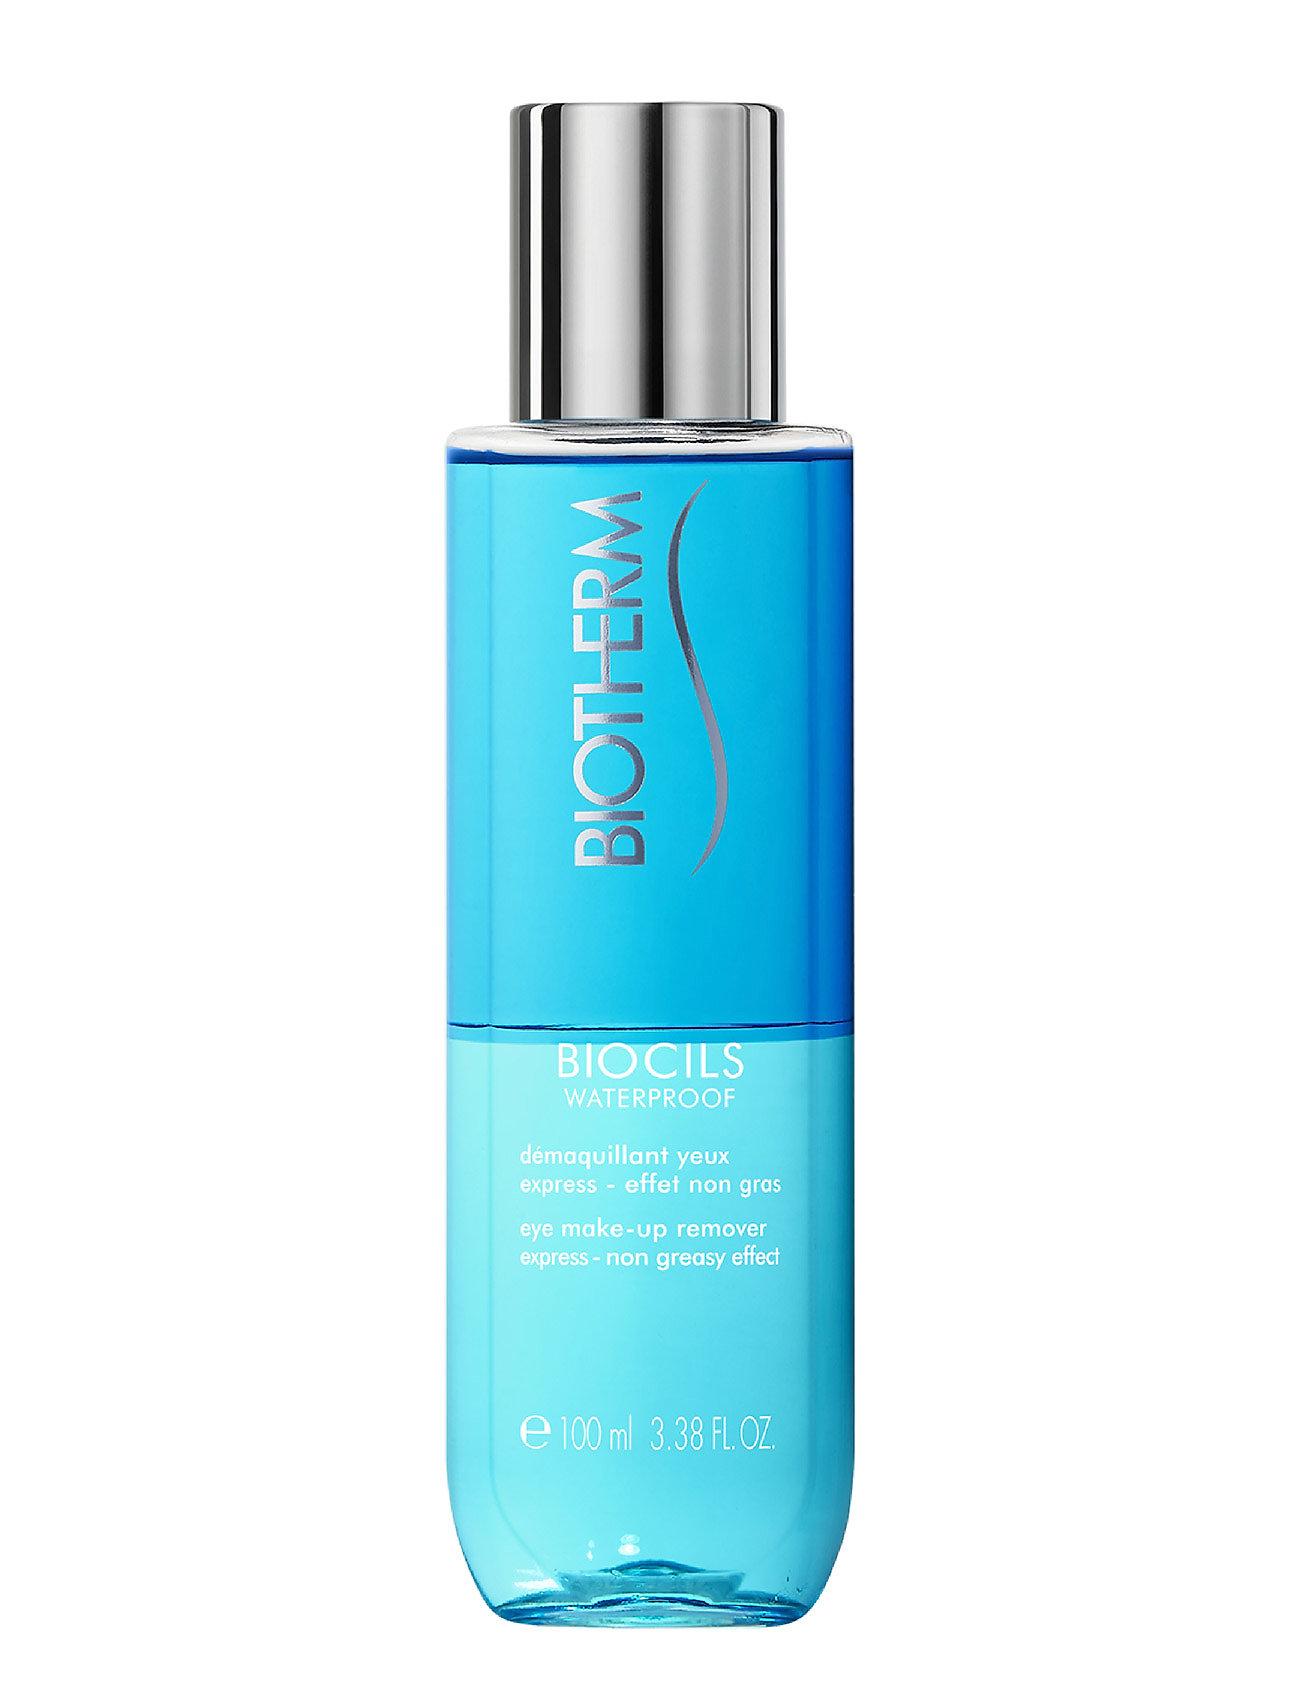 Biocils Waterproof Makeup Remover 100ml Makeupfjerner Nude Biotherm